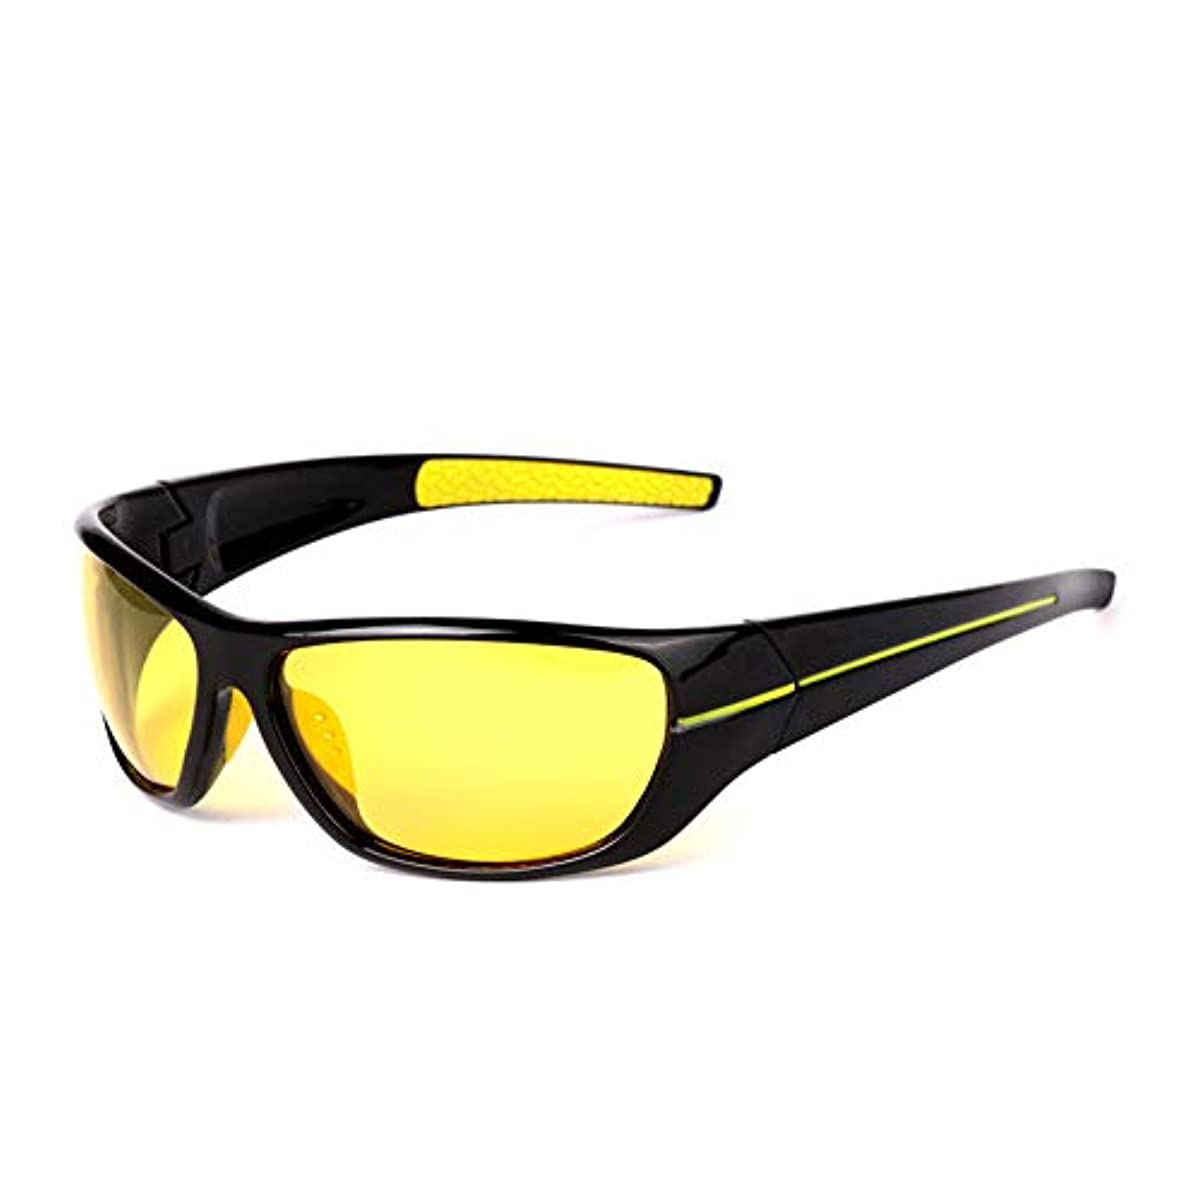 大きさ検出する考慮偏光スポーツサングラス交換レンズ サングラス偏光ナイトビジョンメガネ釣り偏光メガネハイグレードスポーツアウトドアサイクリング 自転車/山/運転/野球/自転車/釣り/ランニング/ゴルフなどの野外活動男女 (色 : 黄)